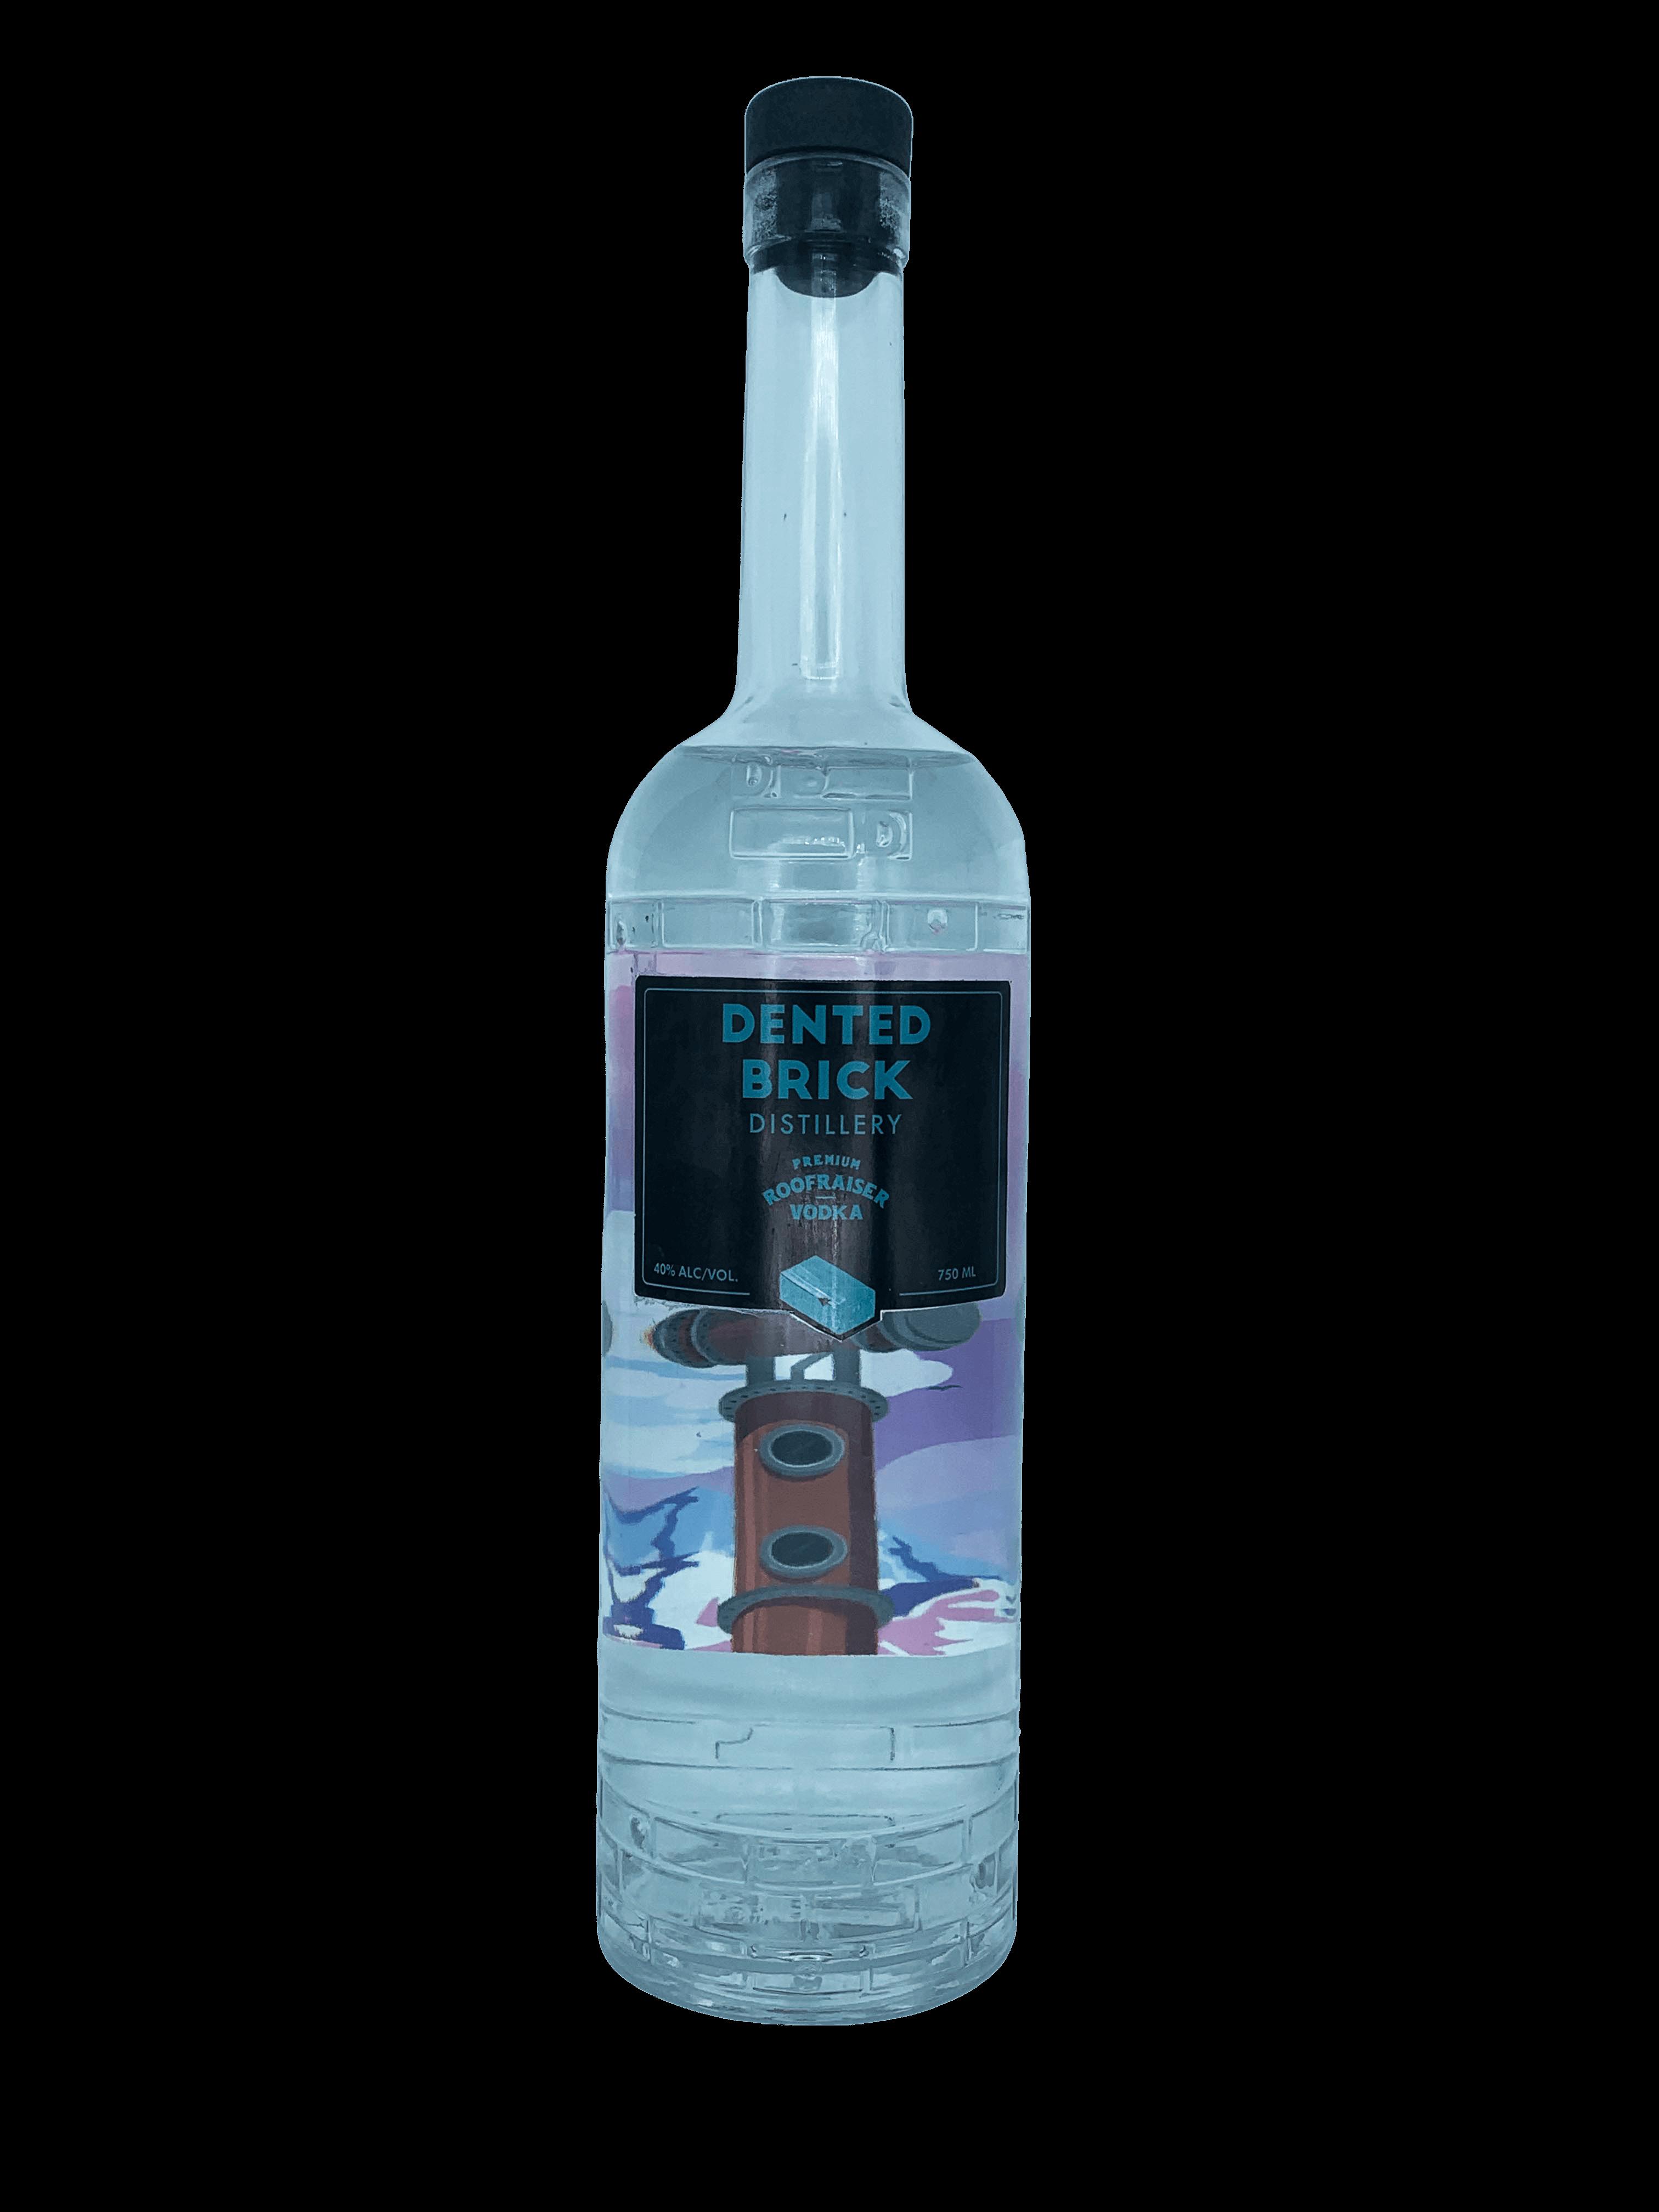 Roofraiser Vodka®